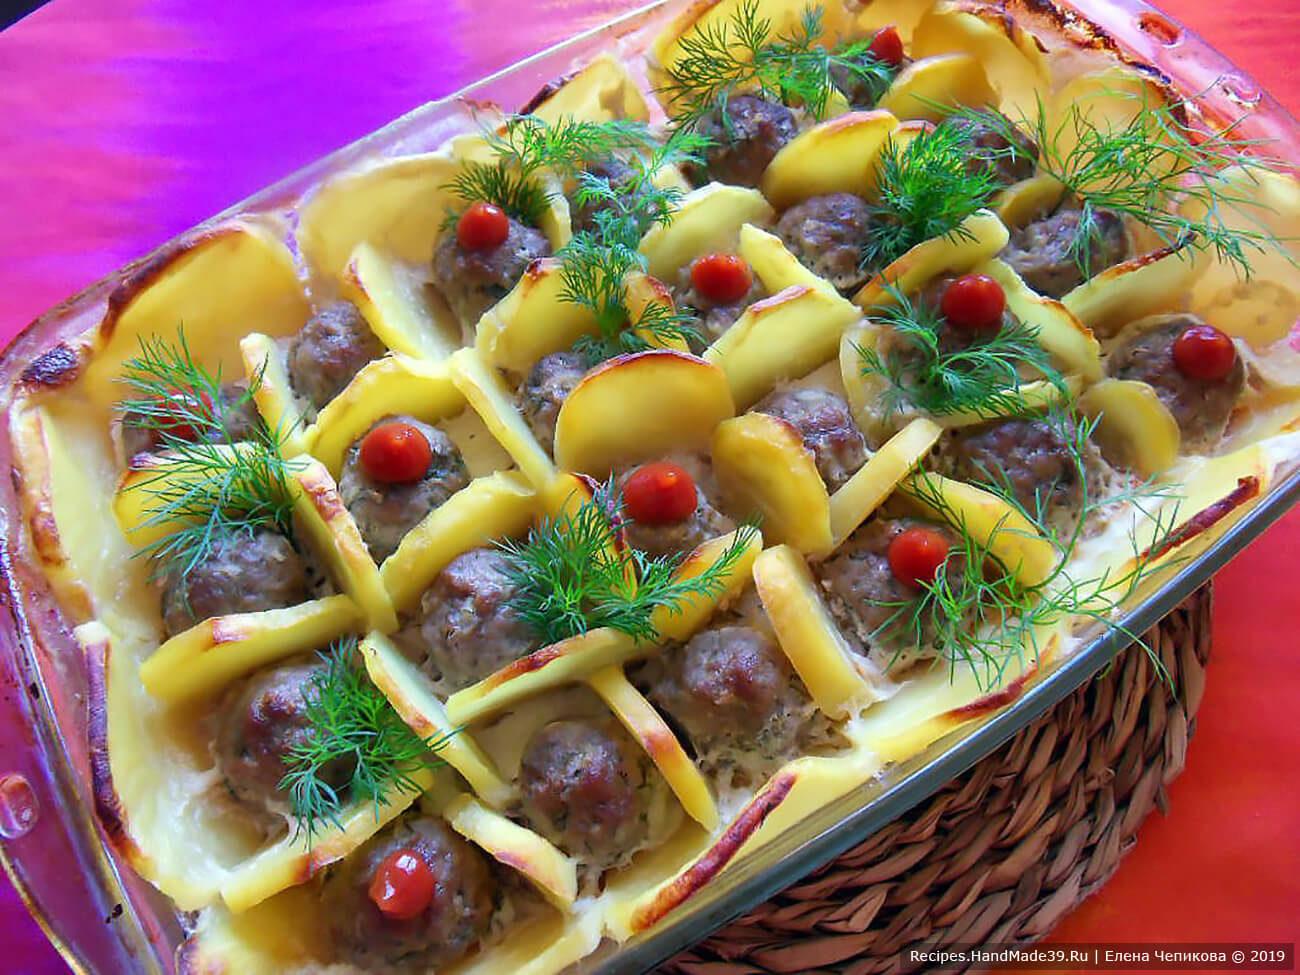 Фрикадельки в картофельных cотах под сливками